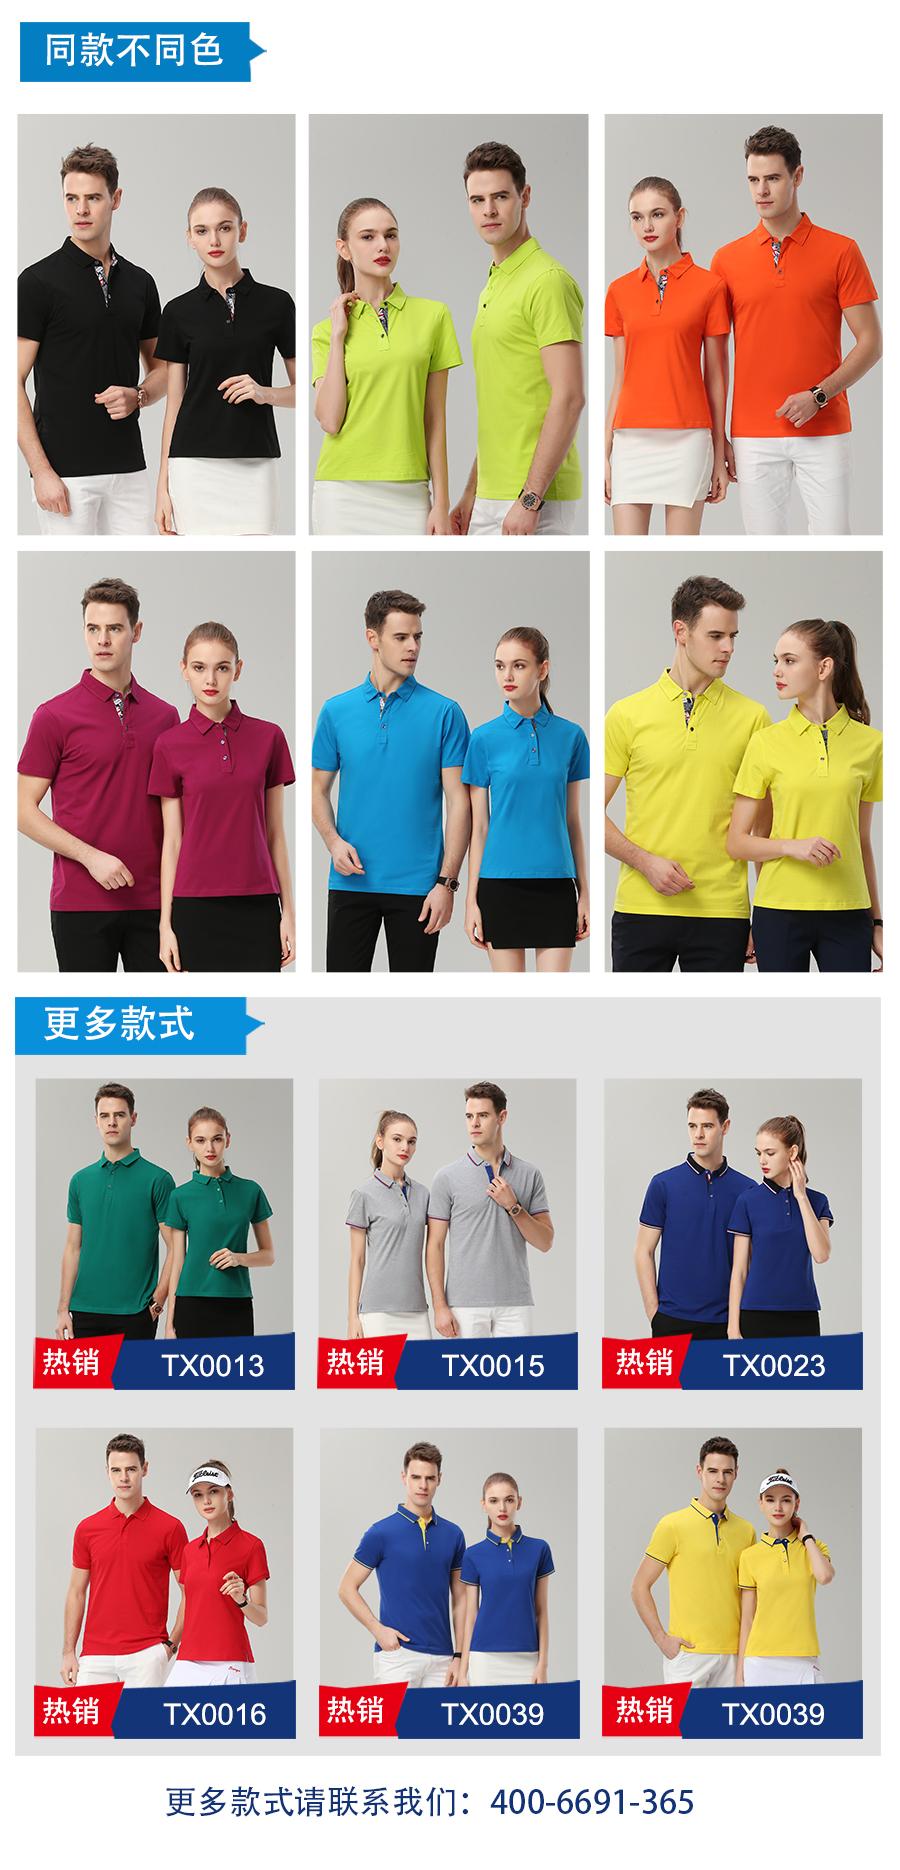 广告衫同款不同色.jpg